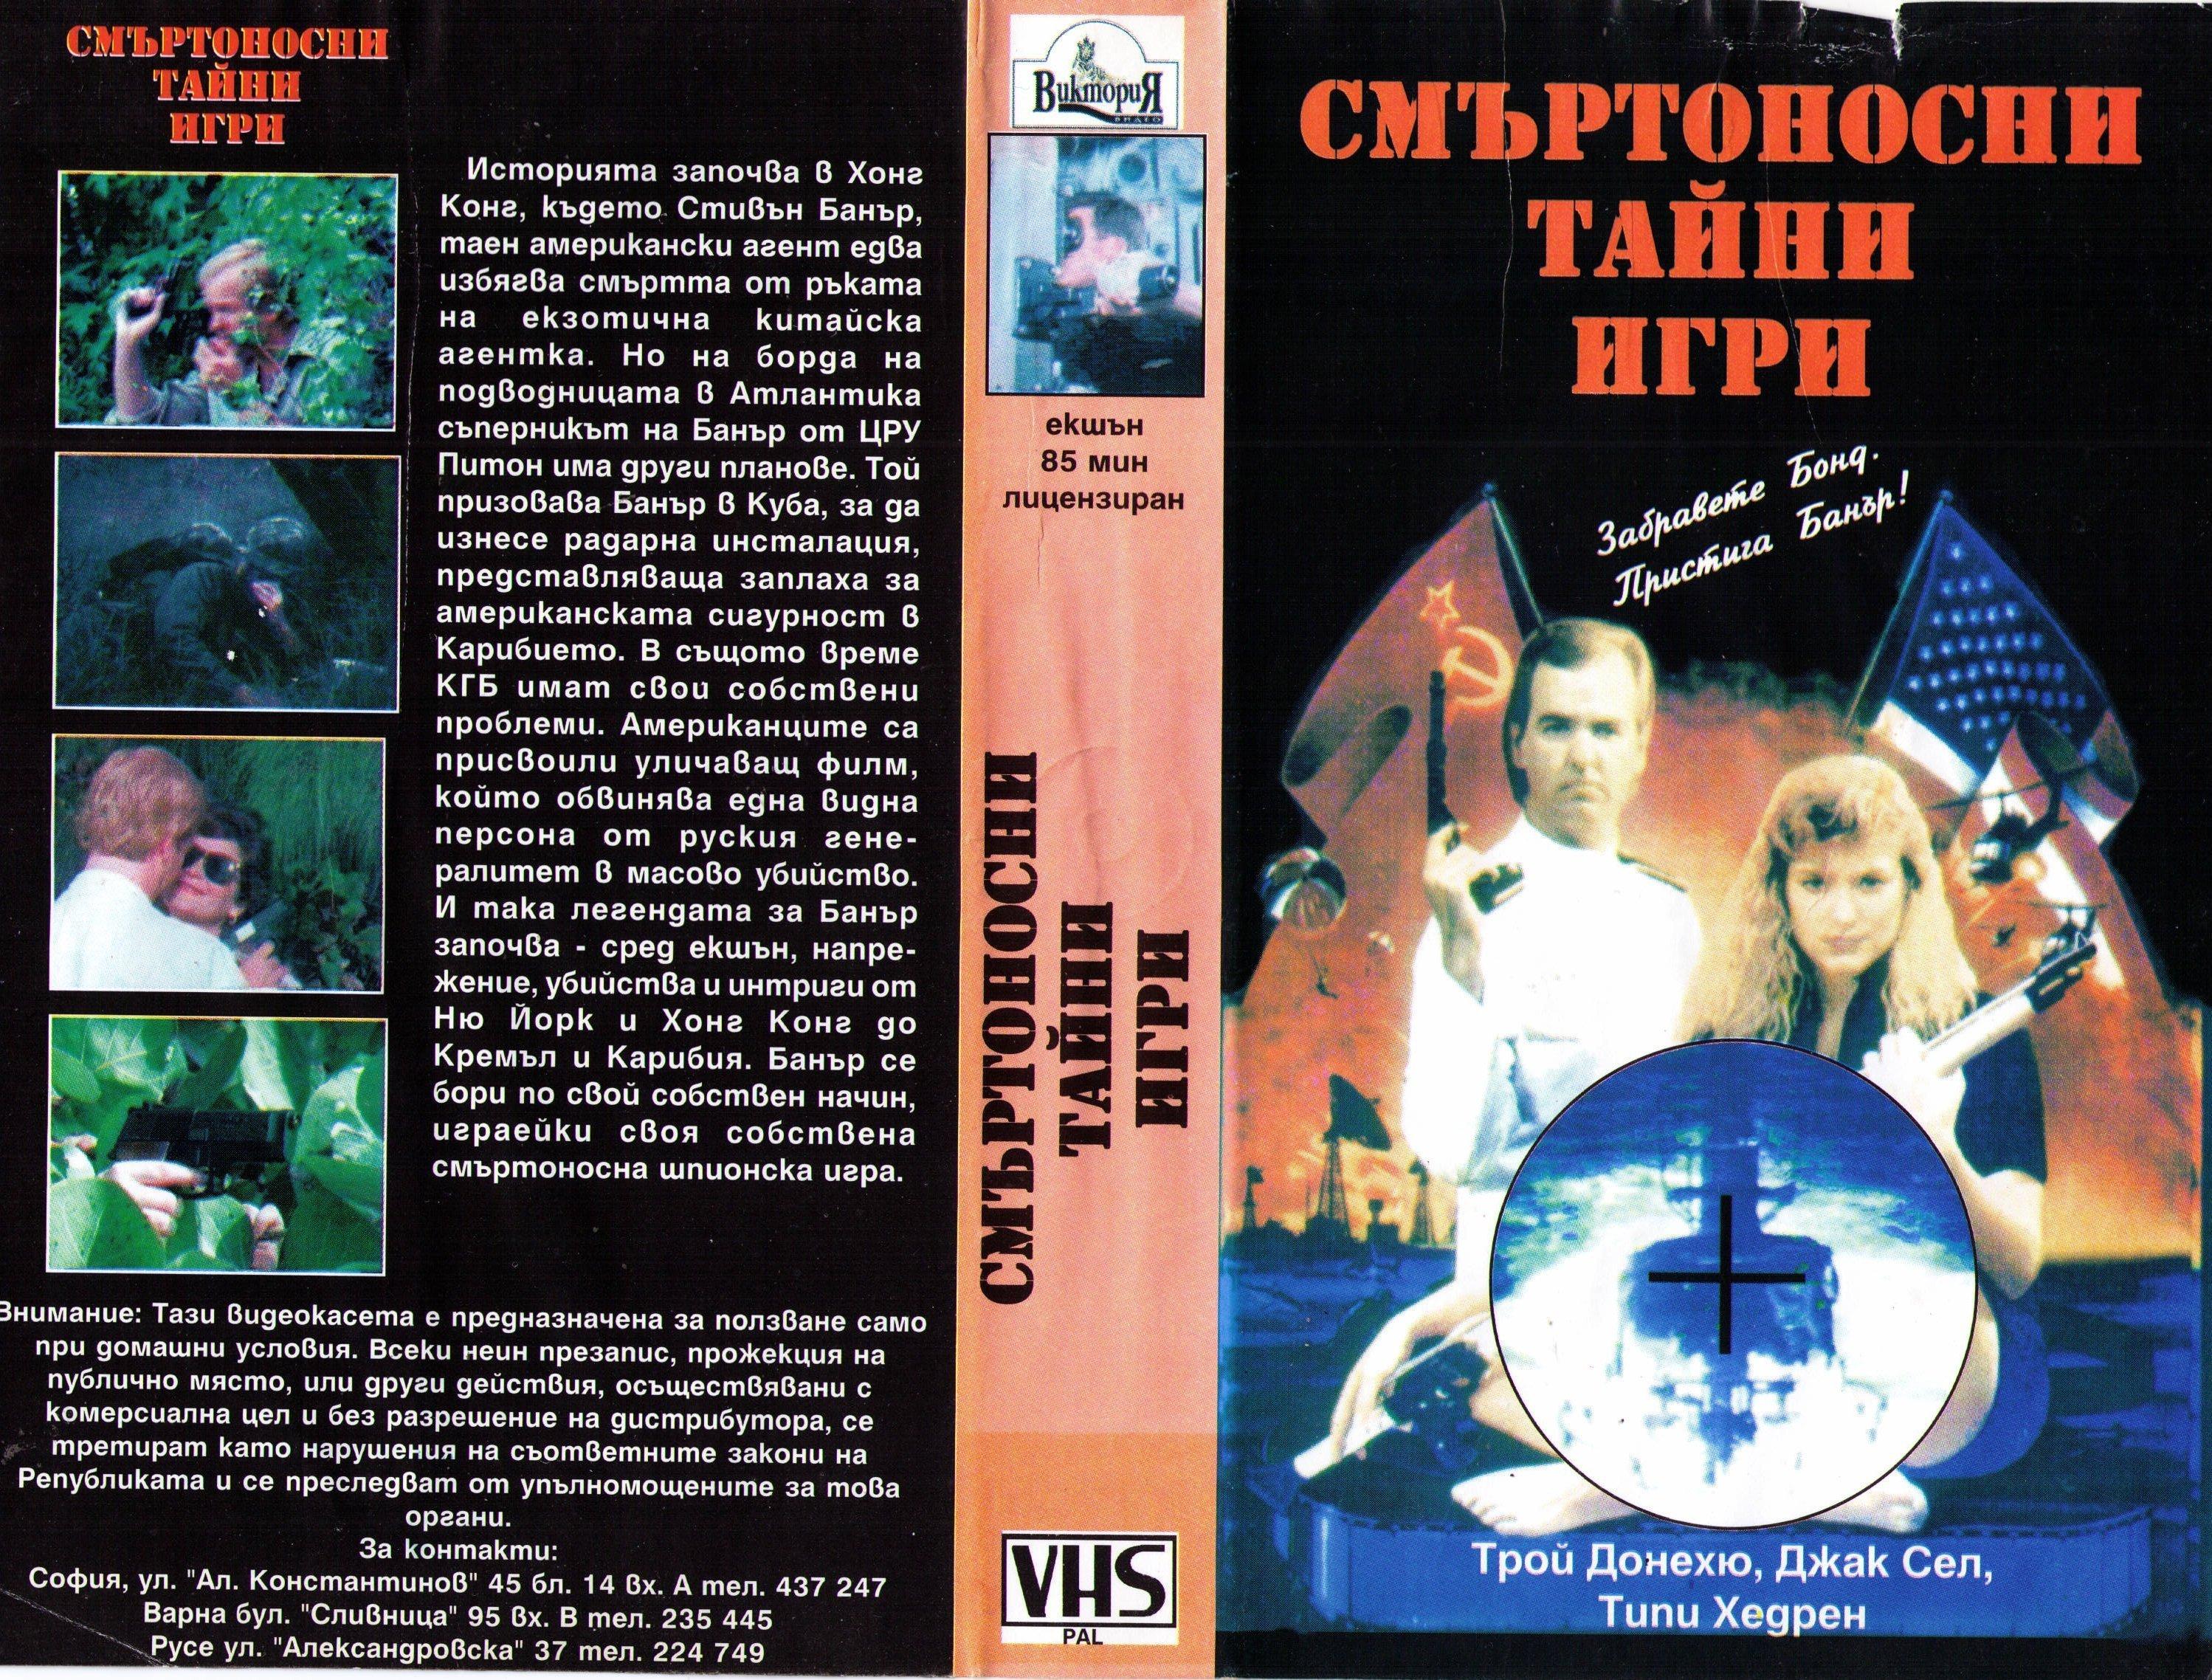 Смъртоносни тайни игри филм постер